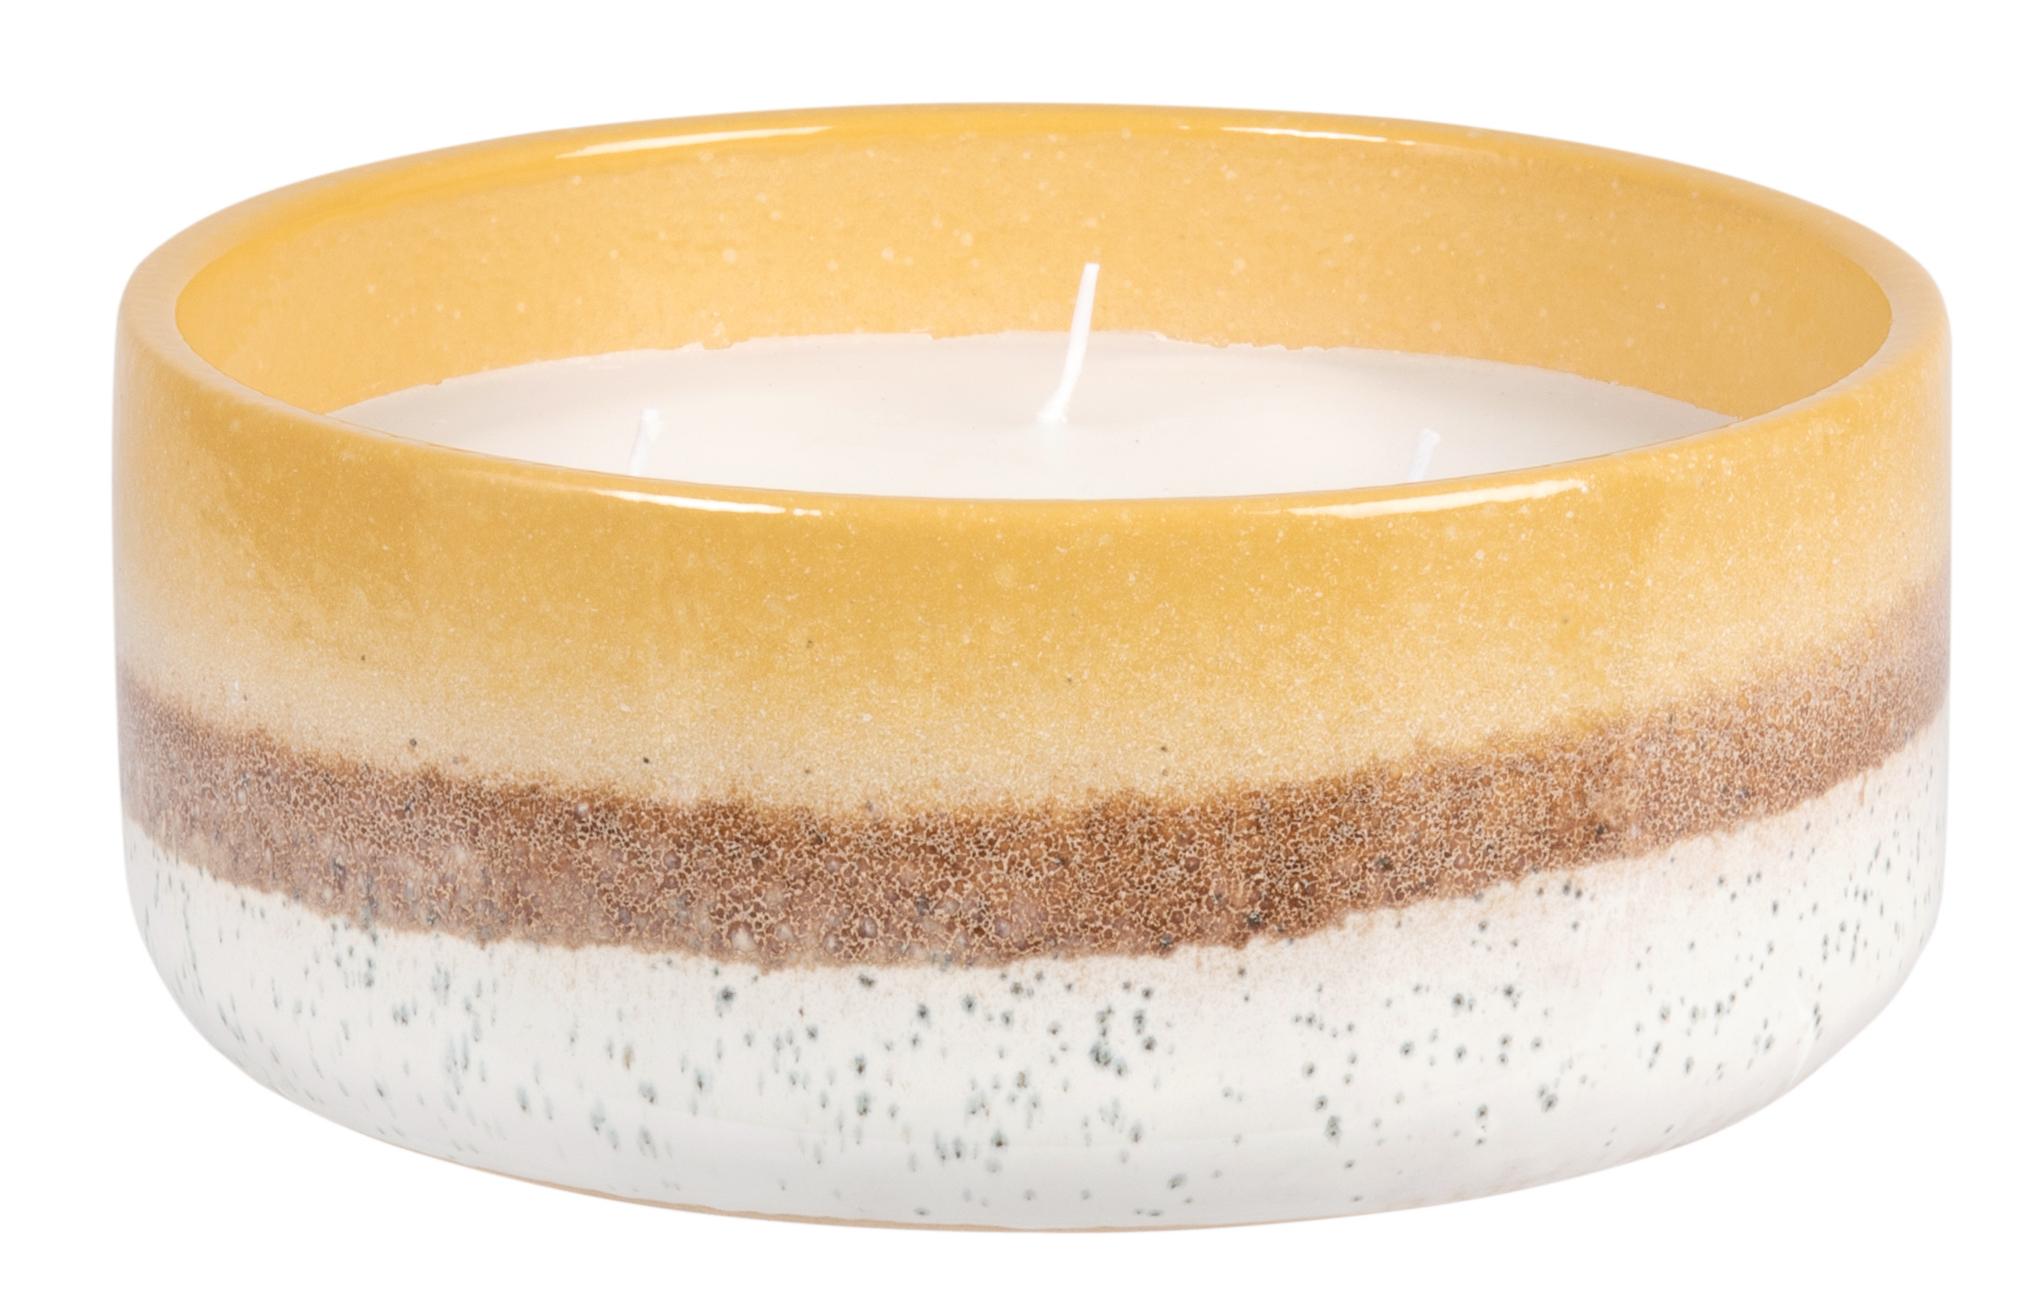 Vela perfumada en tarro de cerámica beis y amarillo